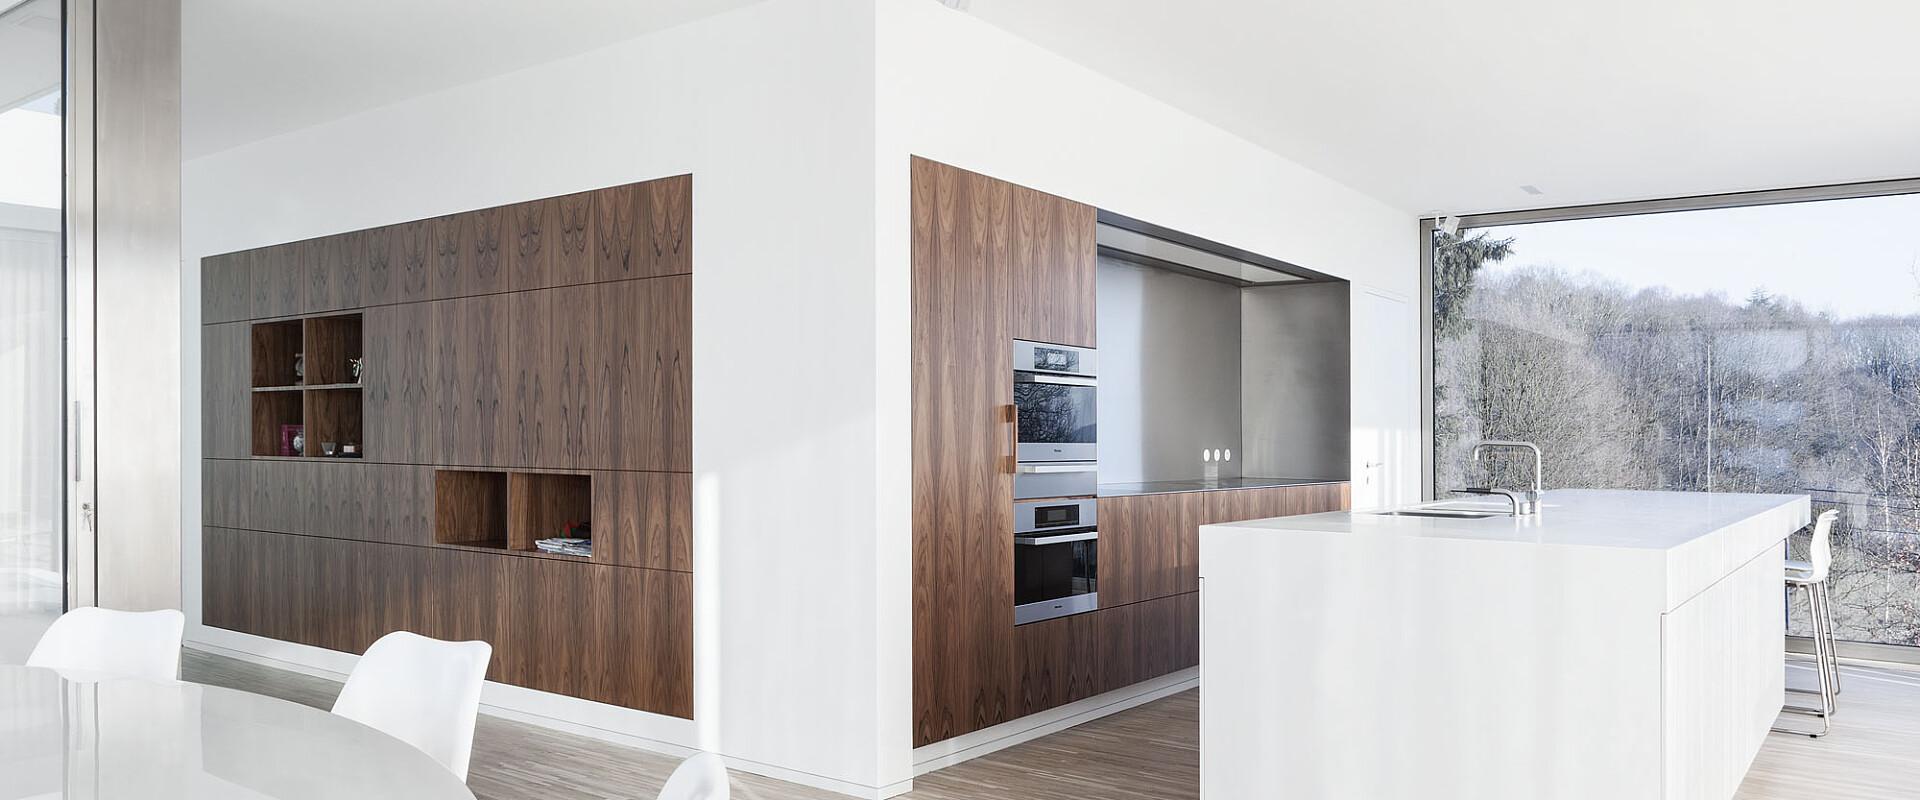 Keuken Met Centrale Corian Keukenblok In Villa Te Halle Wilfra Waregem